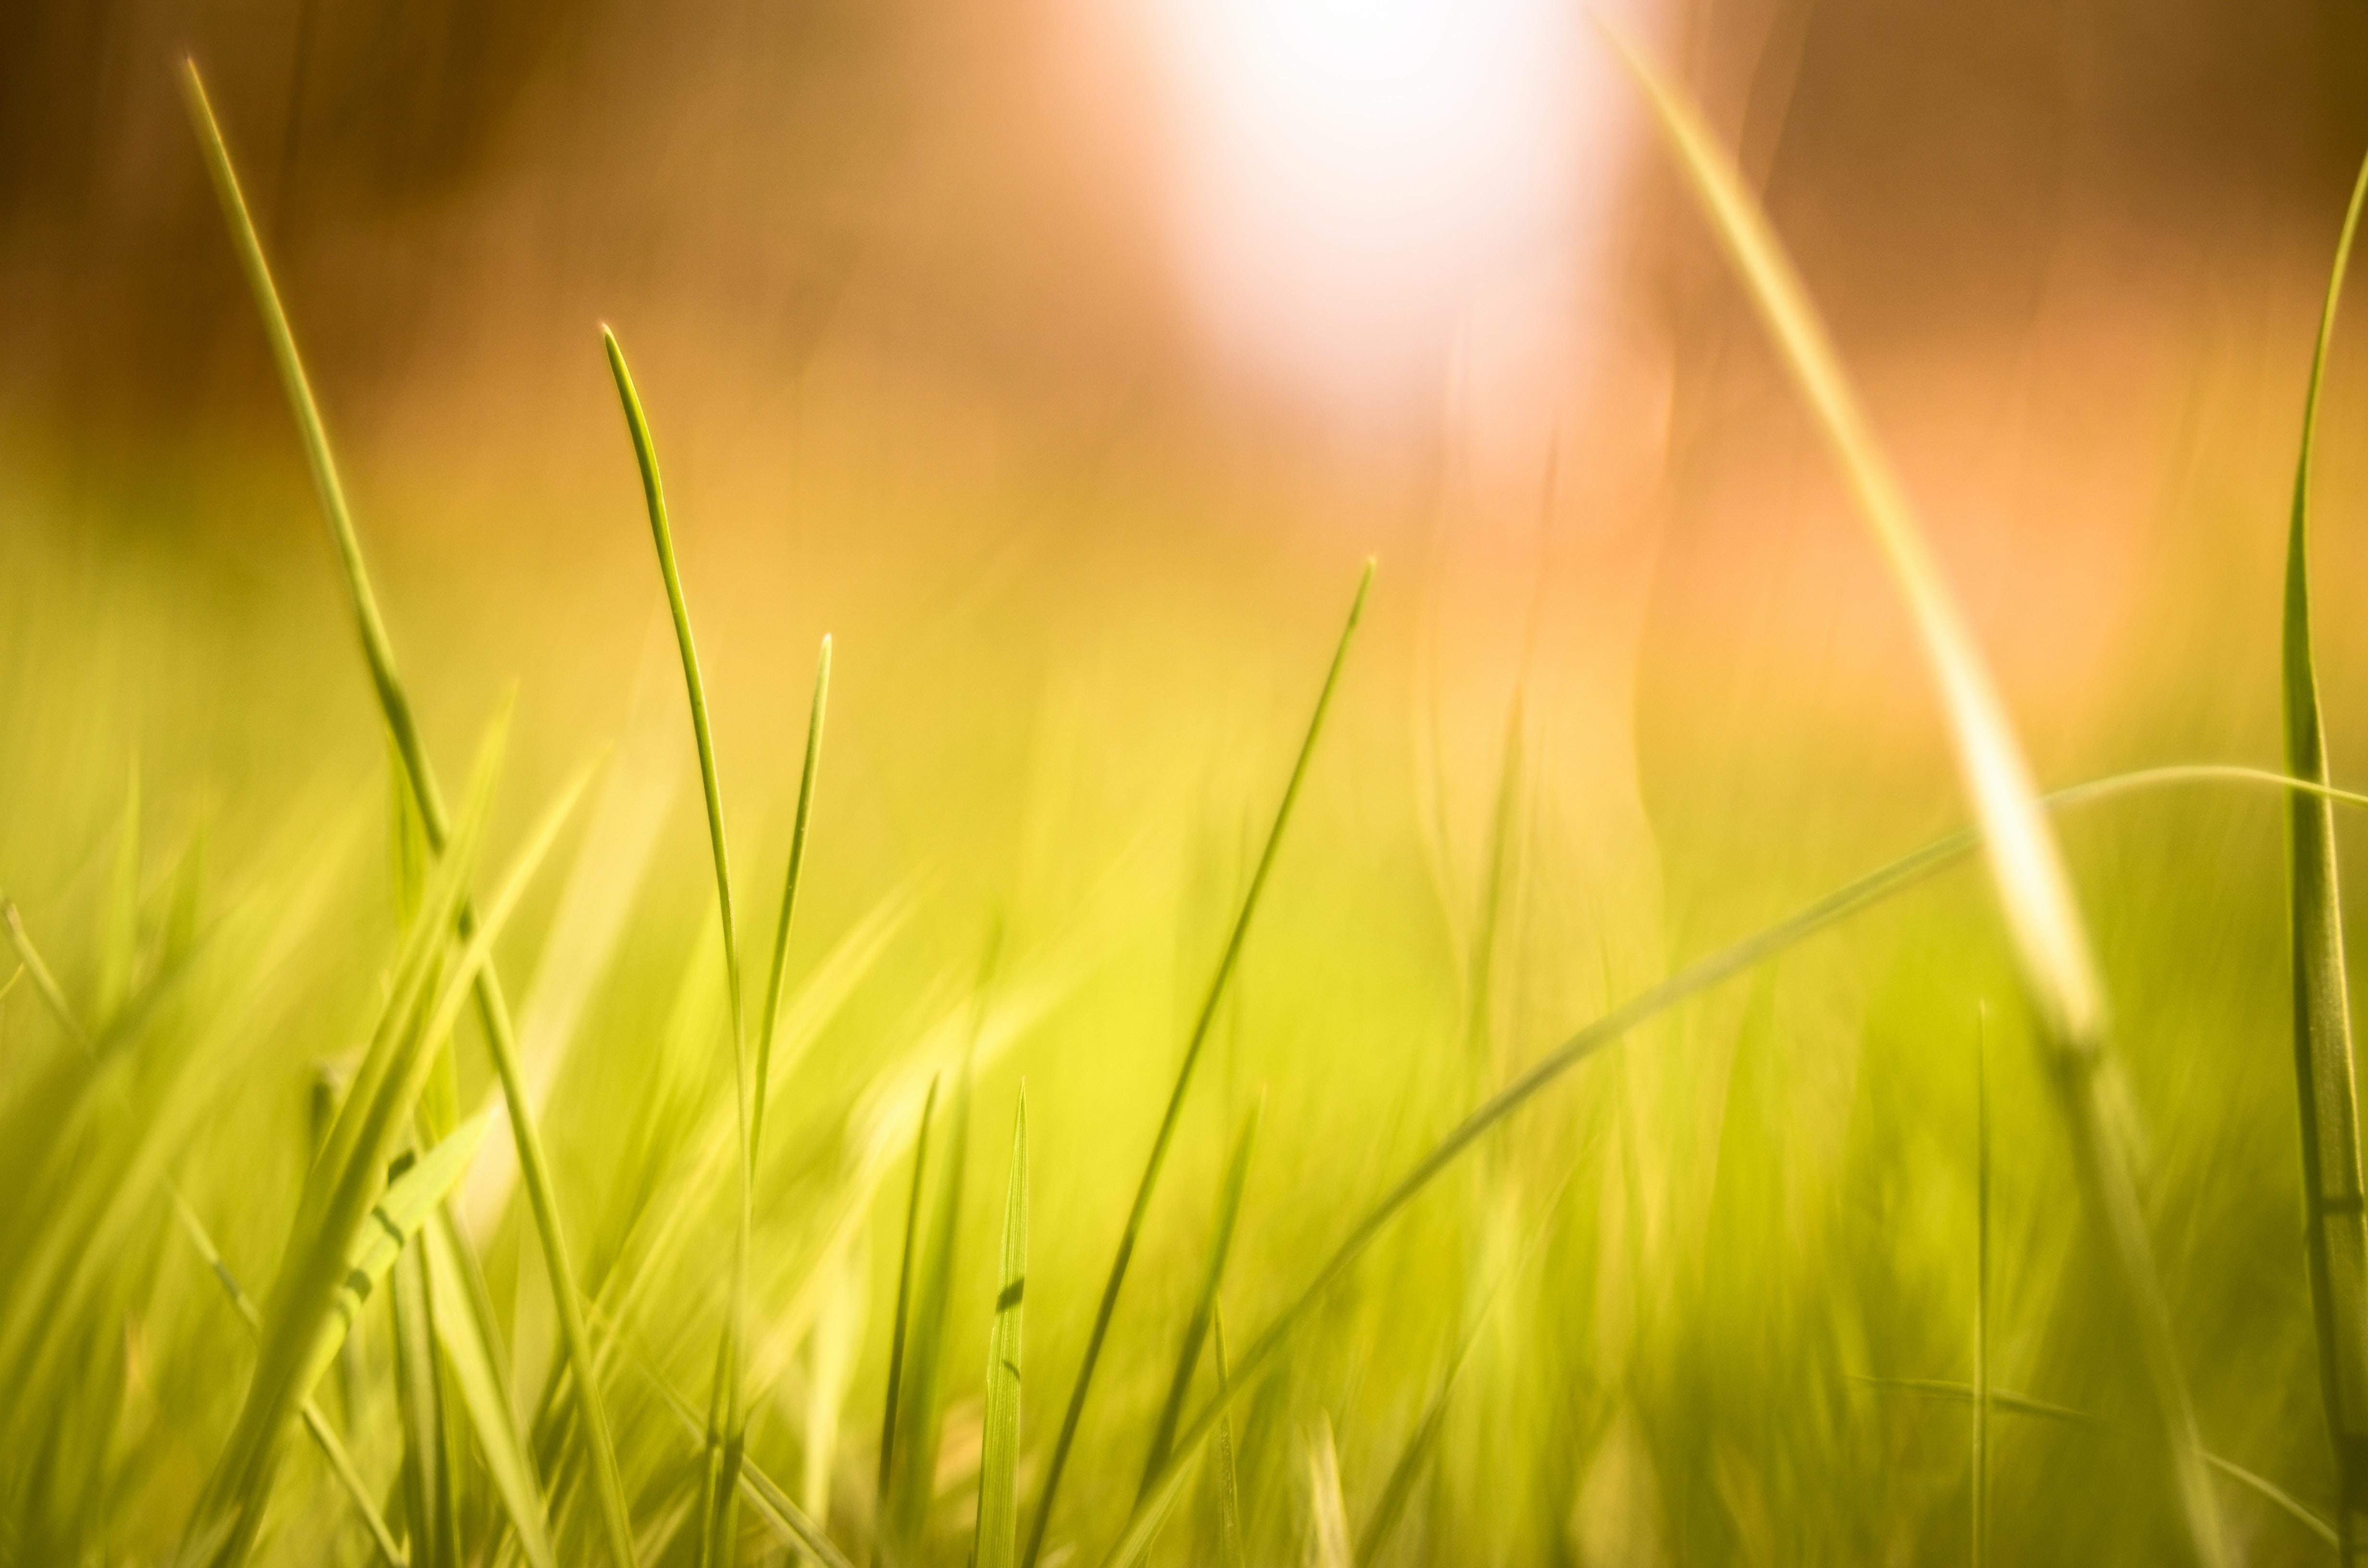 closeup photography of green grass field